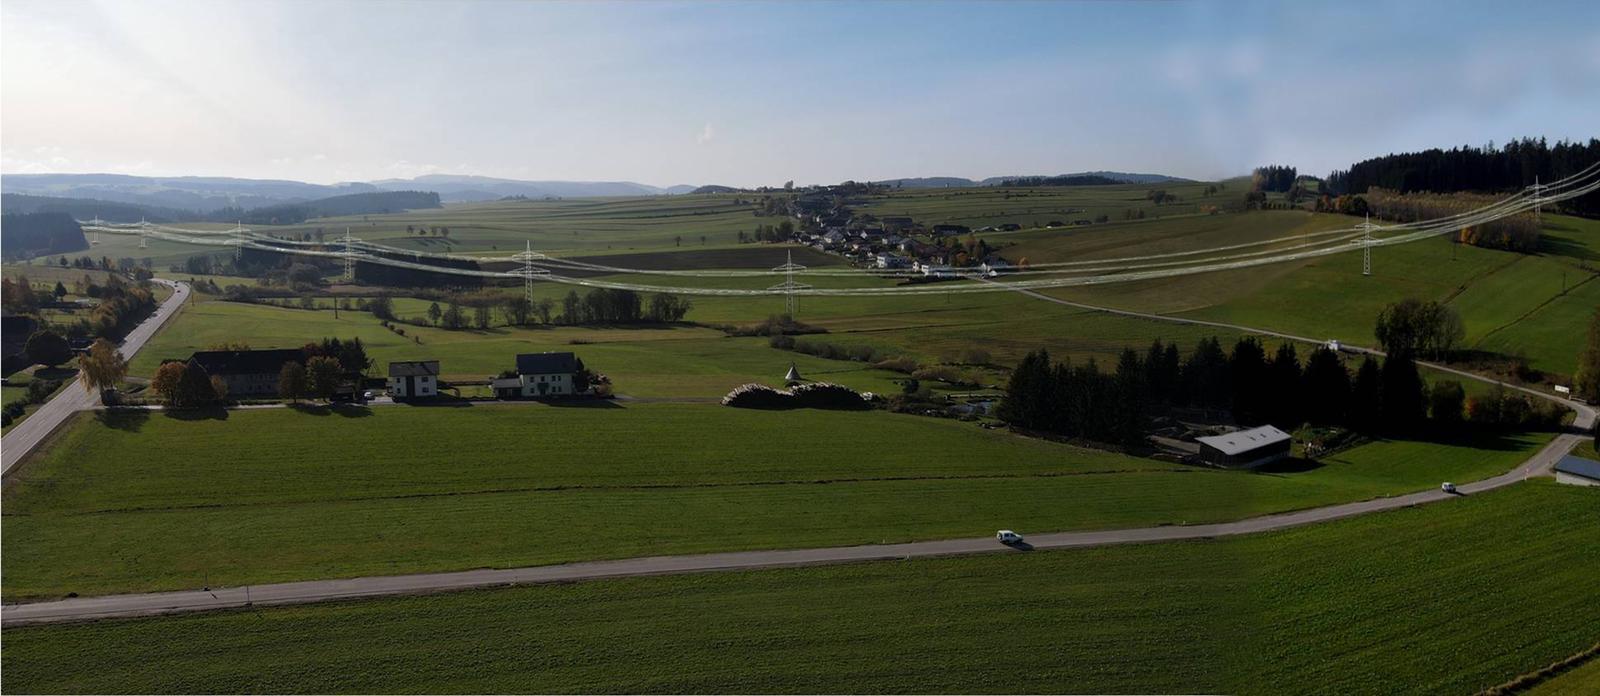 110kv-dietrichschlag-mit-masten-bad leonfelden